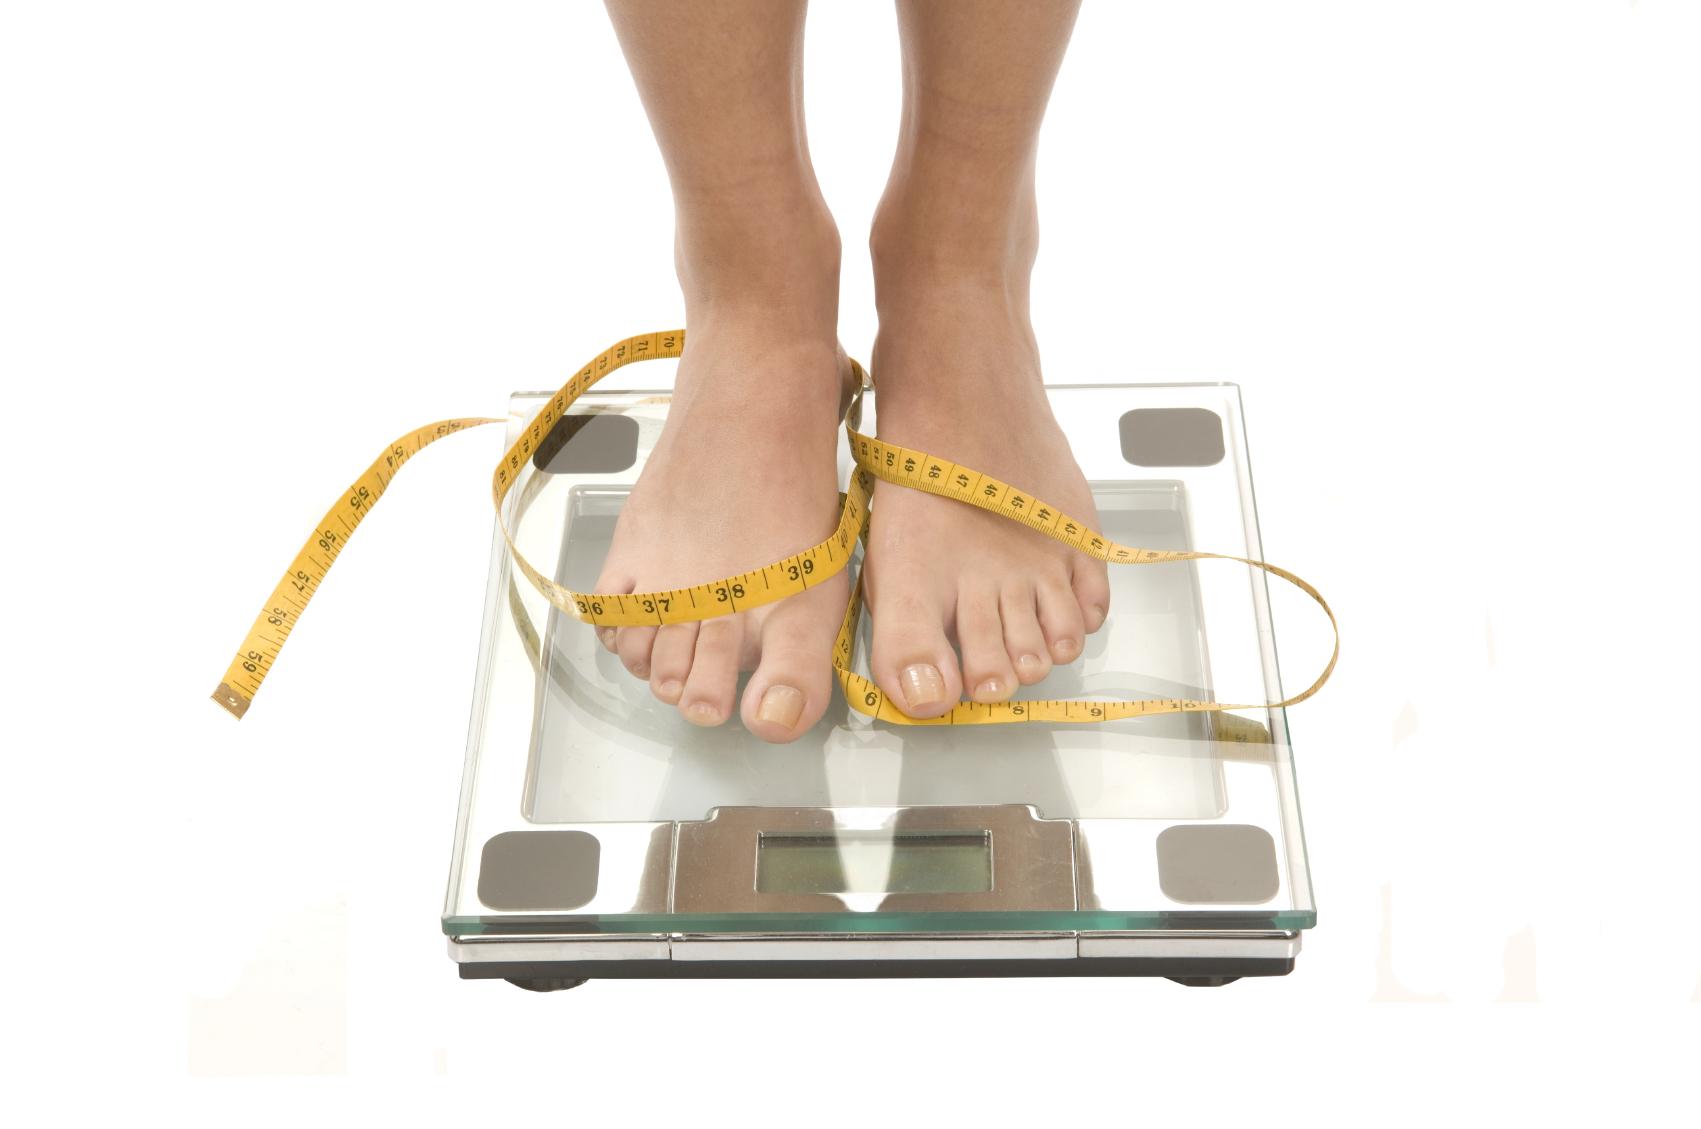 Necesito bajar de peso urgente gratis ventaja: puedes